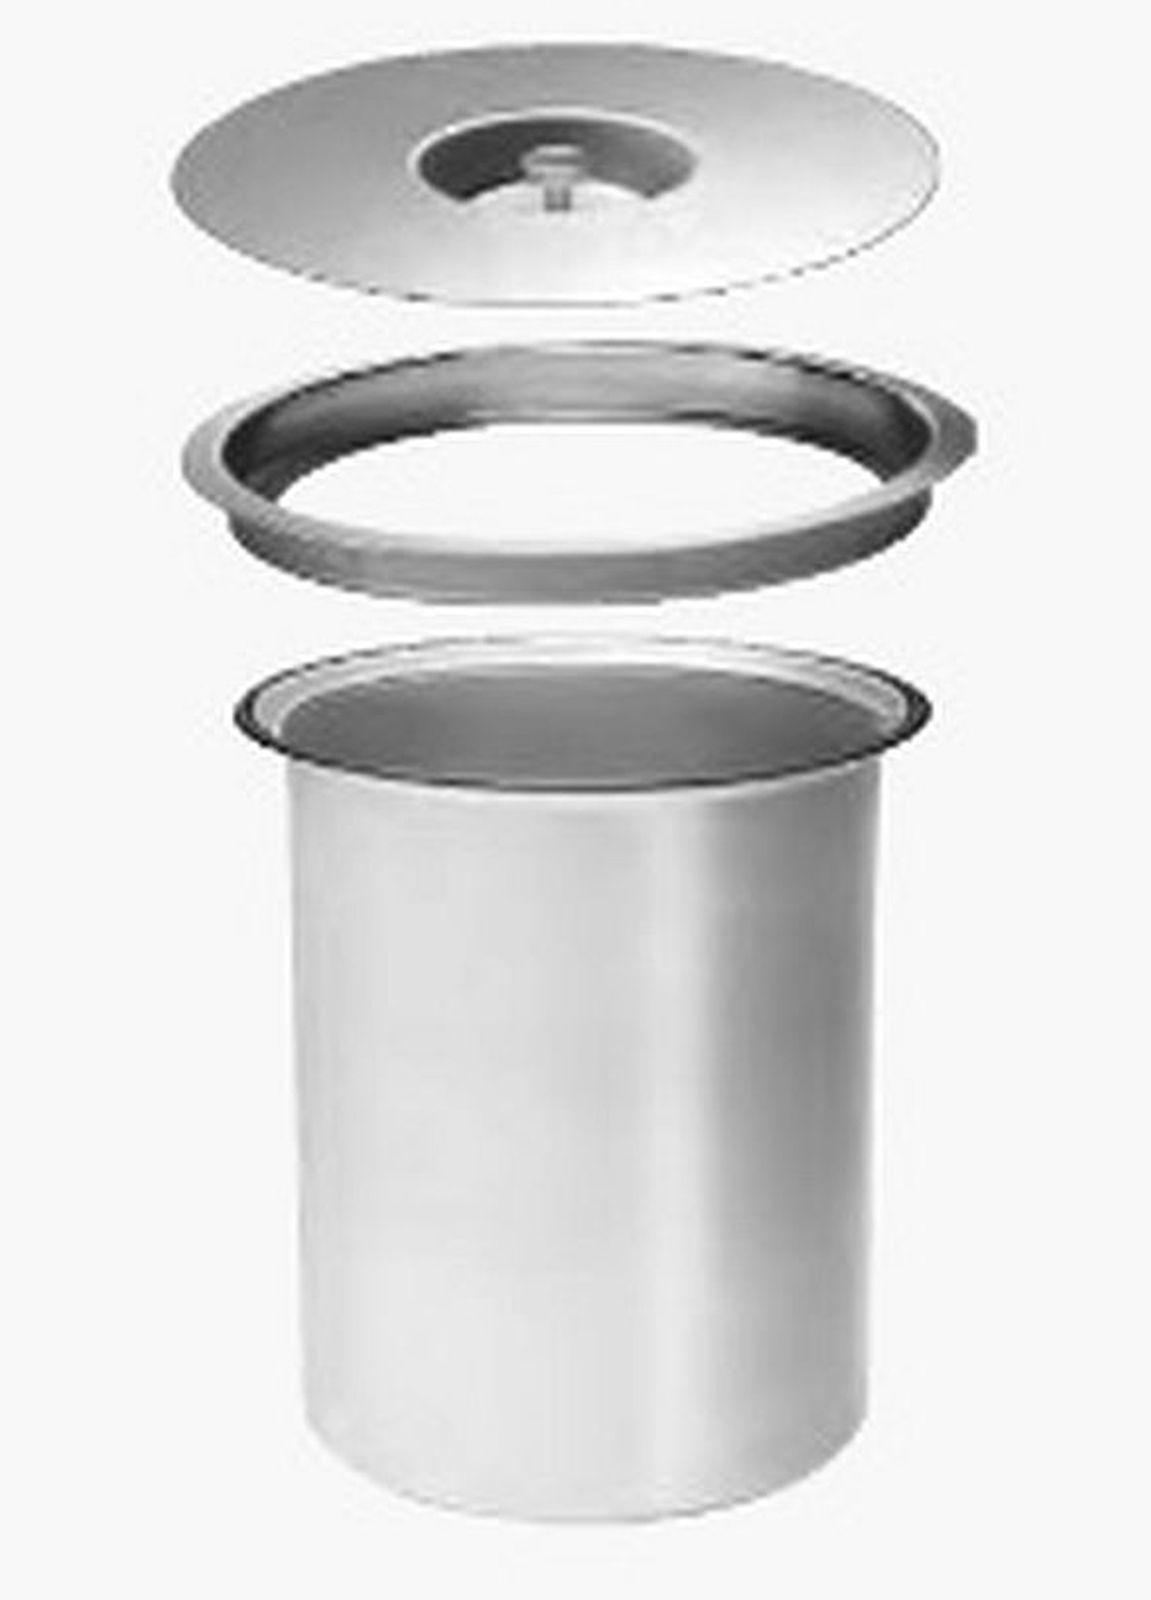 Komposteimer Küche | Jtleigh.com - Hausgestaltung Ideen